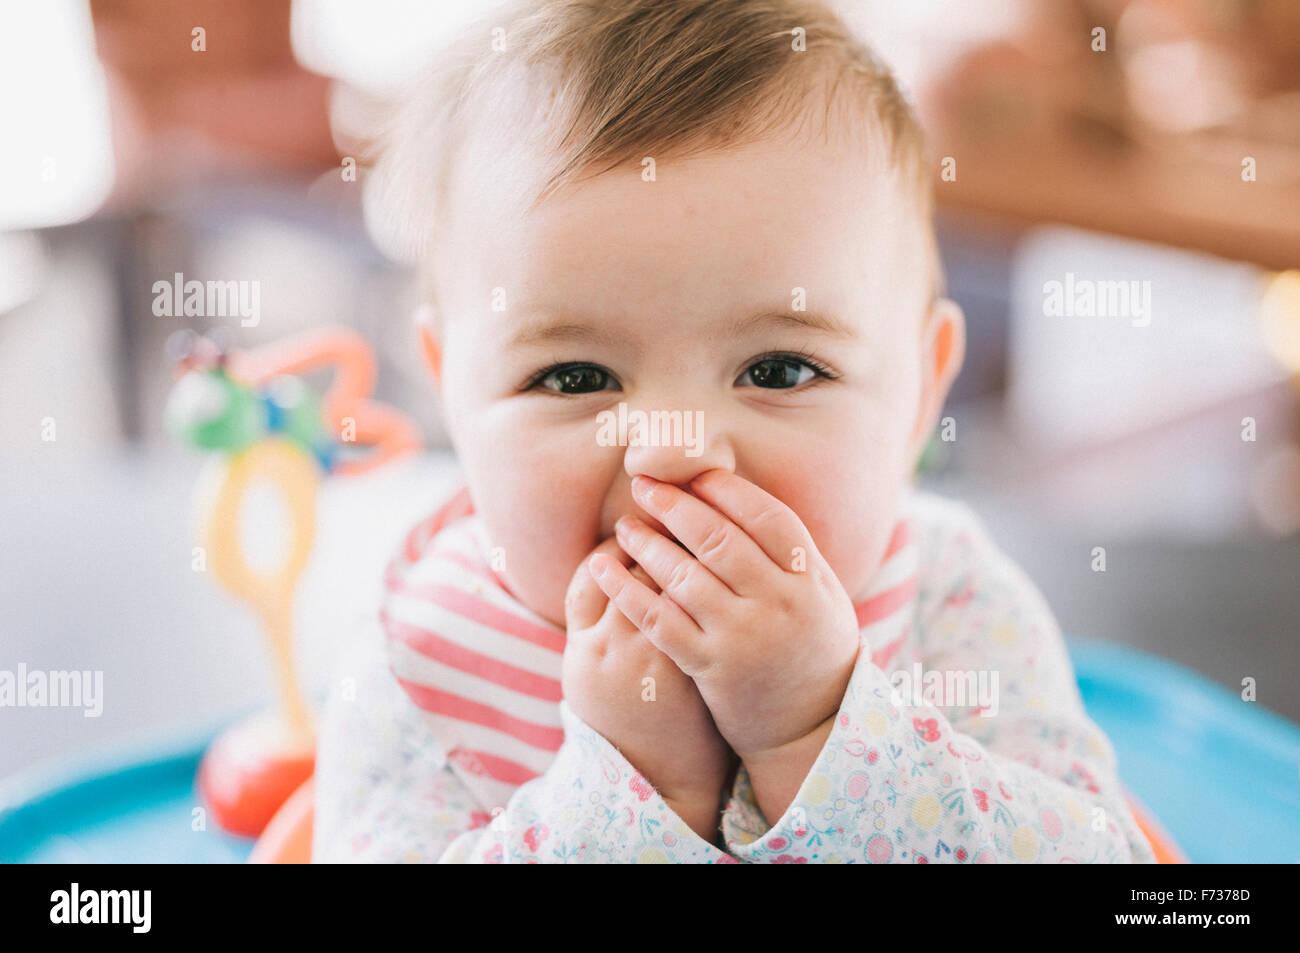 Ein kleines Mädchen mit ihren Händen über den Mund in die Kamera schaut. Stockbild